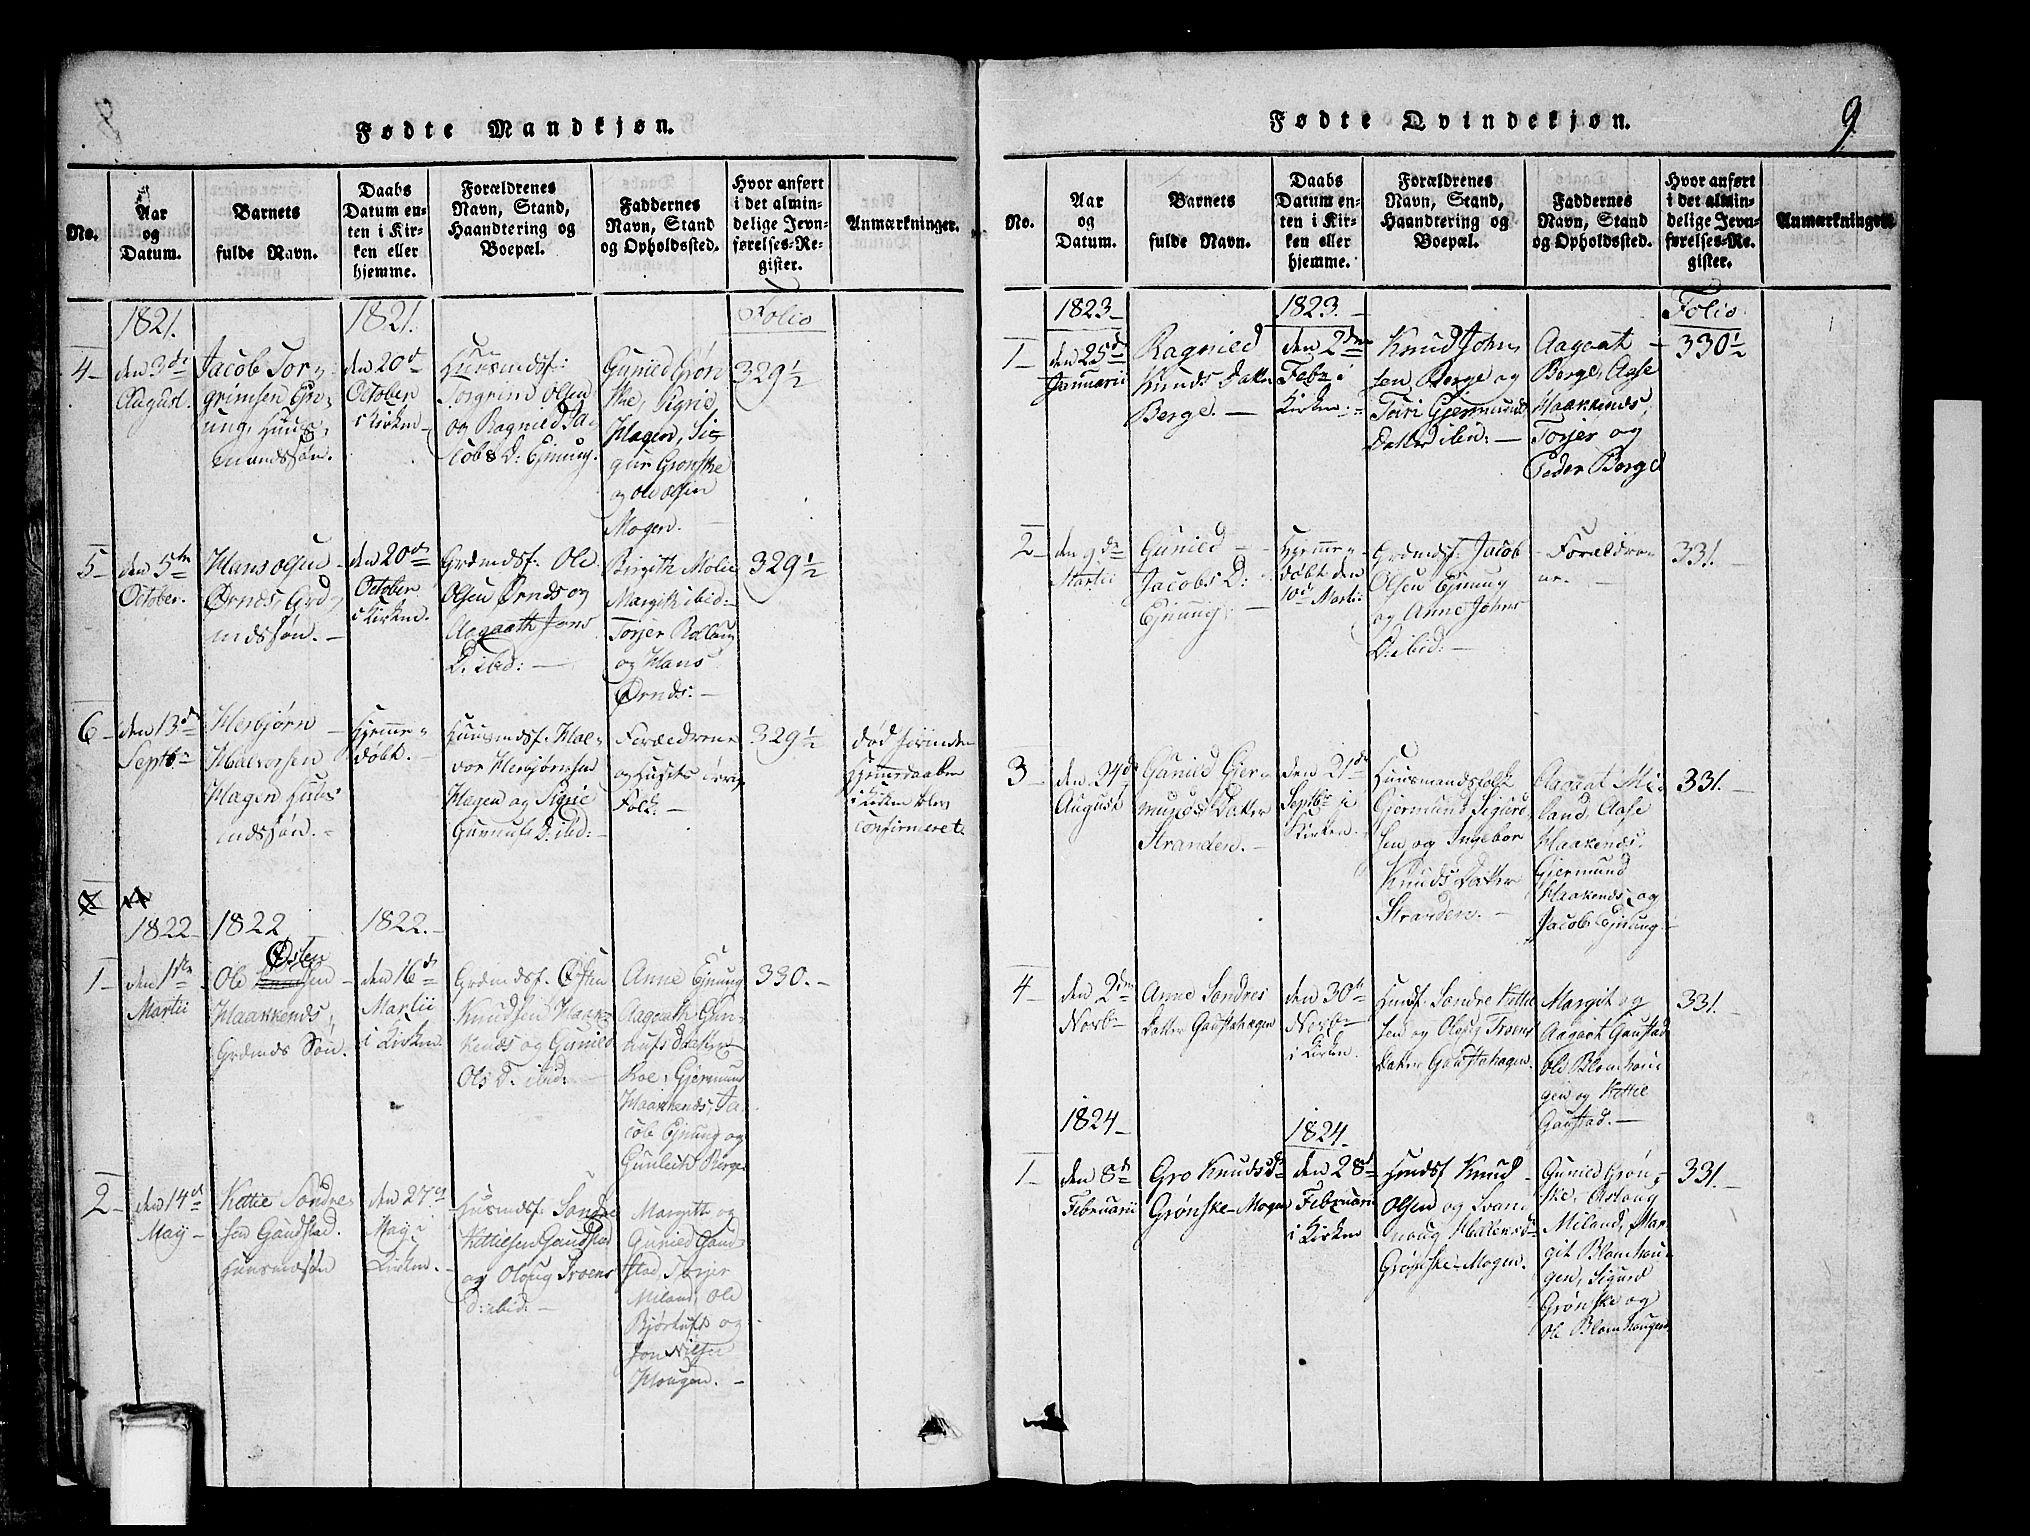 SAKO, Tinn kirkebøker, G/Gb/L0001: Klokkerbok nr. II 1 /1, 1815-1850, s. 9